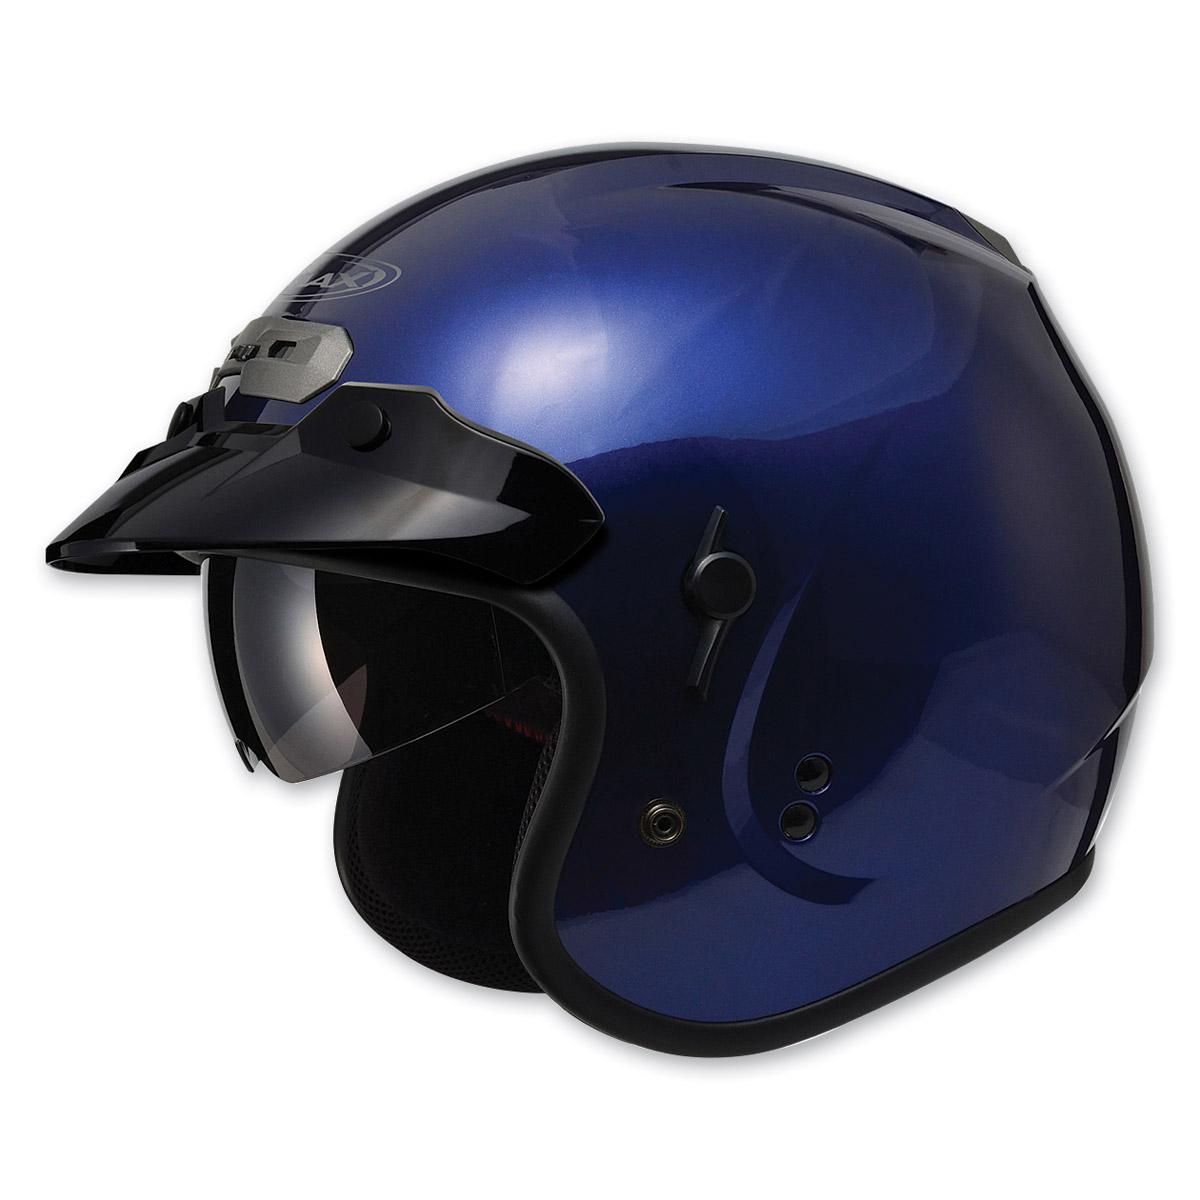 GMAX GM32 Open Face Blue Helmet